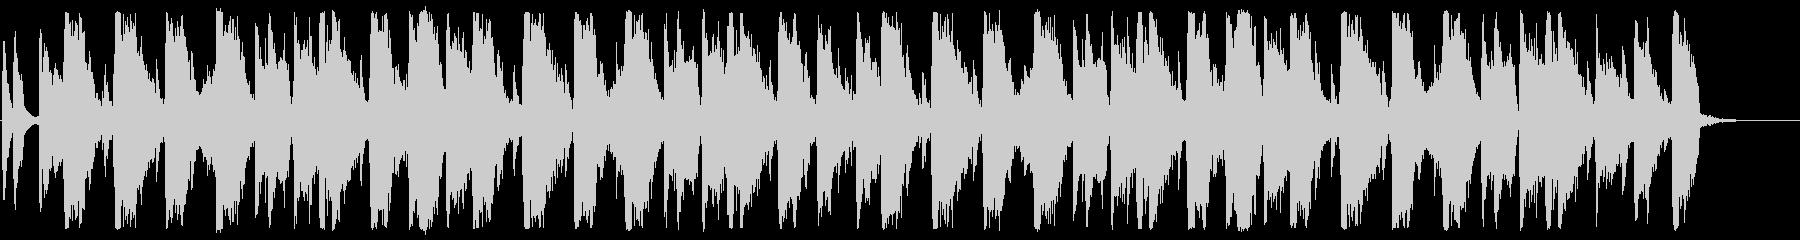 ディスコジングルの未再生の波形